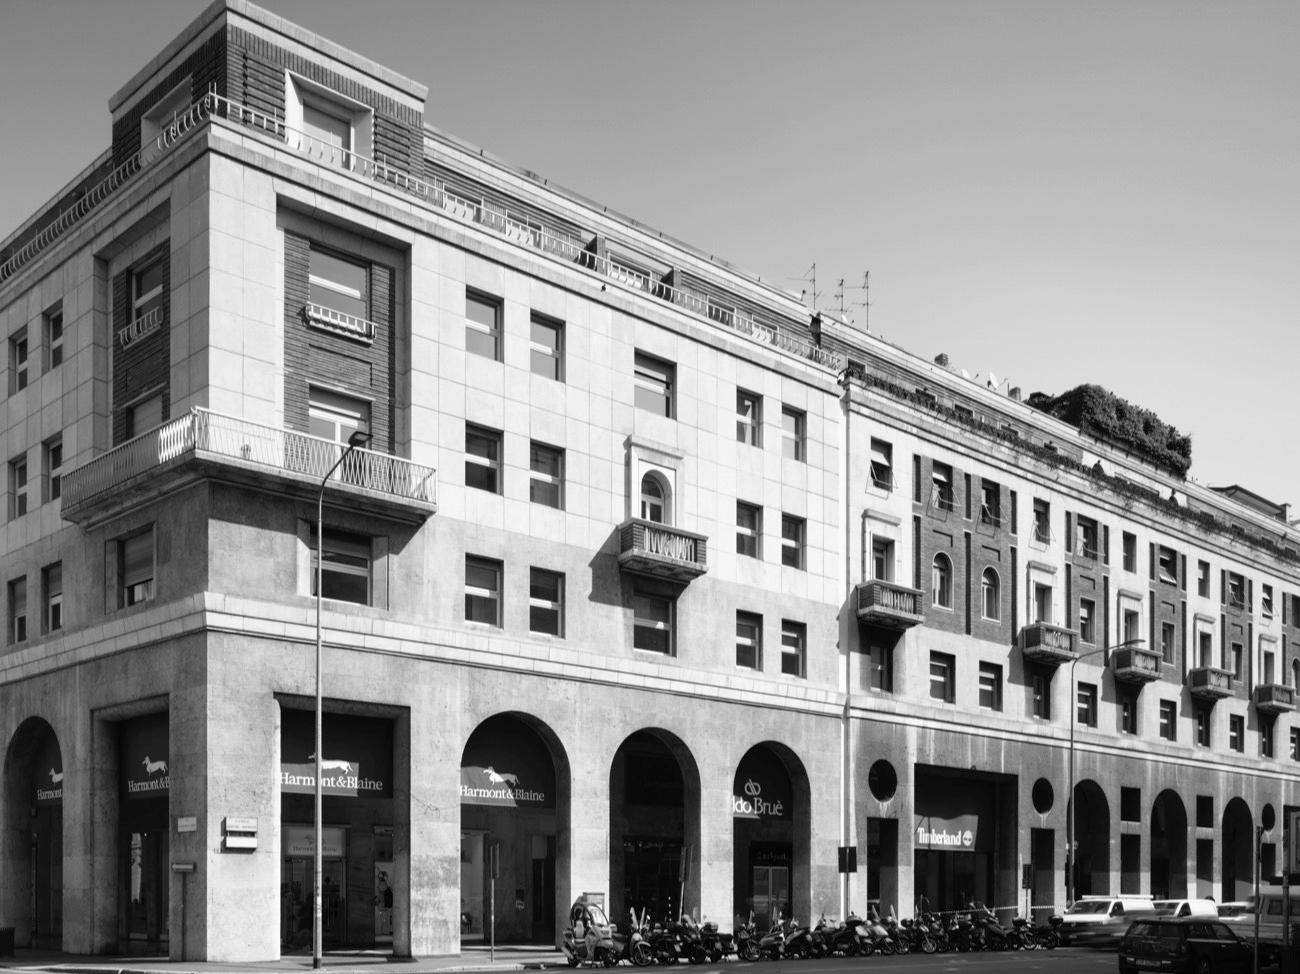 Negozi Per La Casa Milano 1933-1936) casa per abitazioni, uffici e negozi a milano